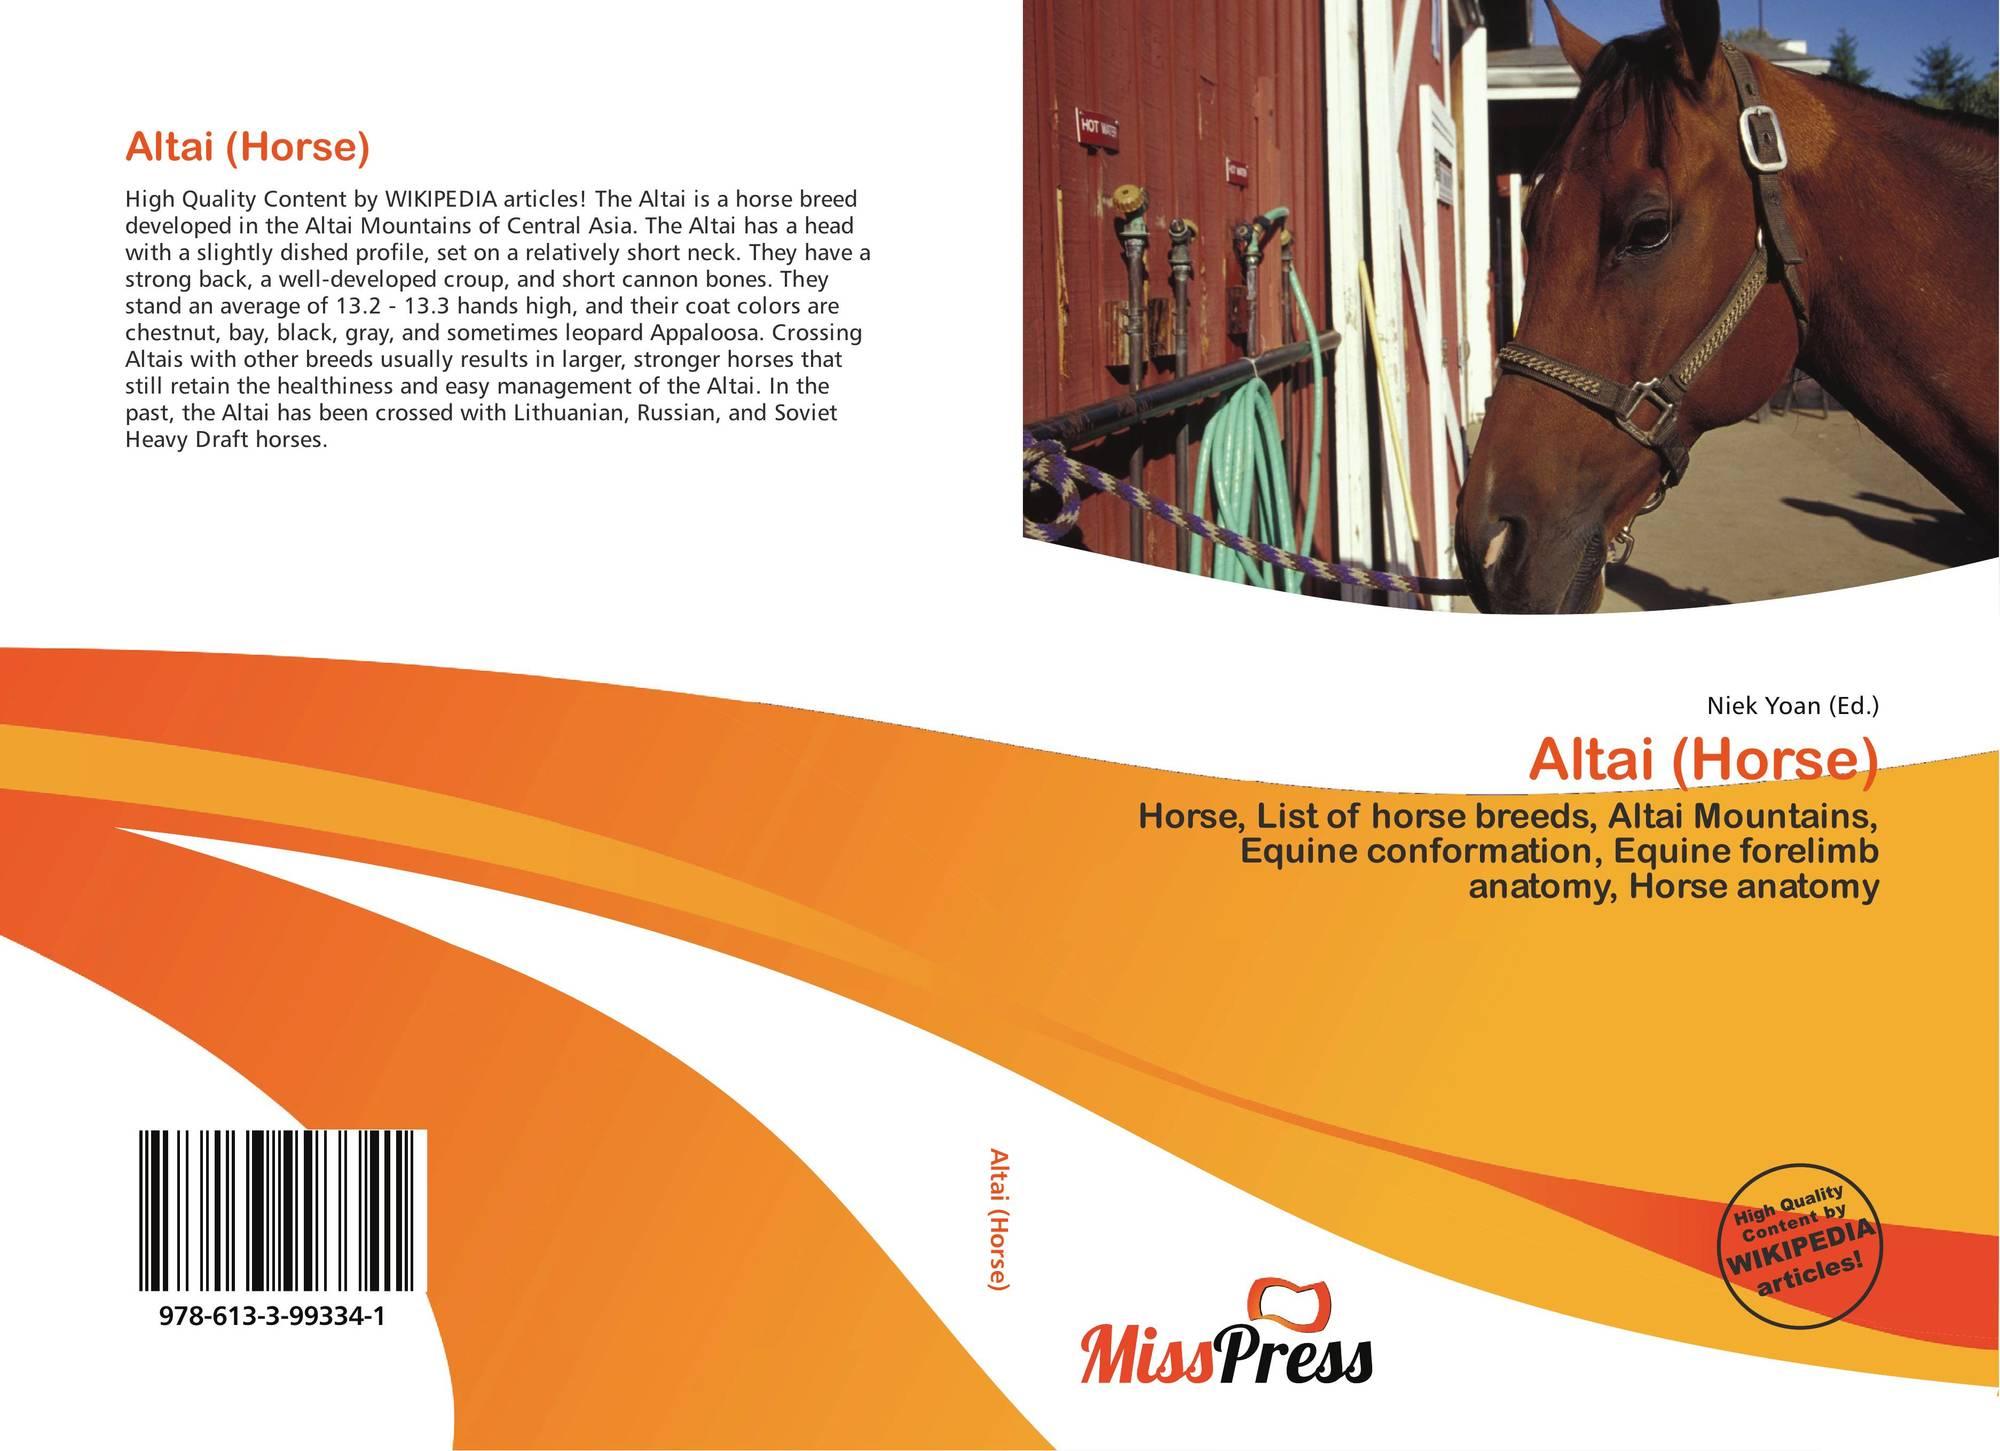 Altai (Horse), 978-613-3-99334-1, 6133993340 ,9786133993341